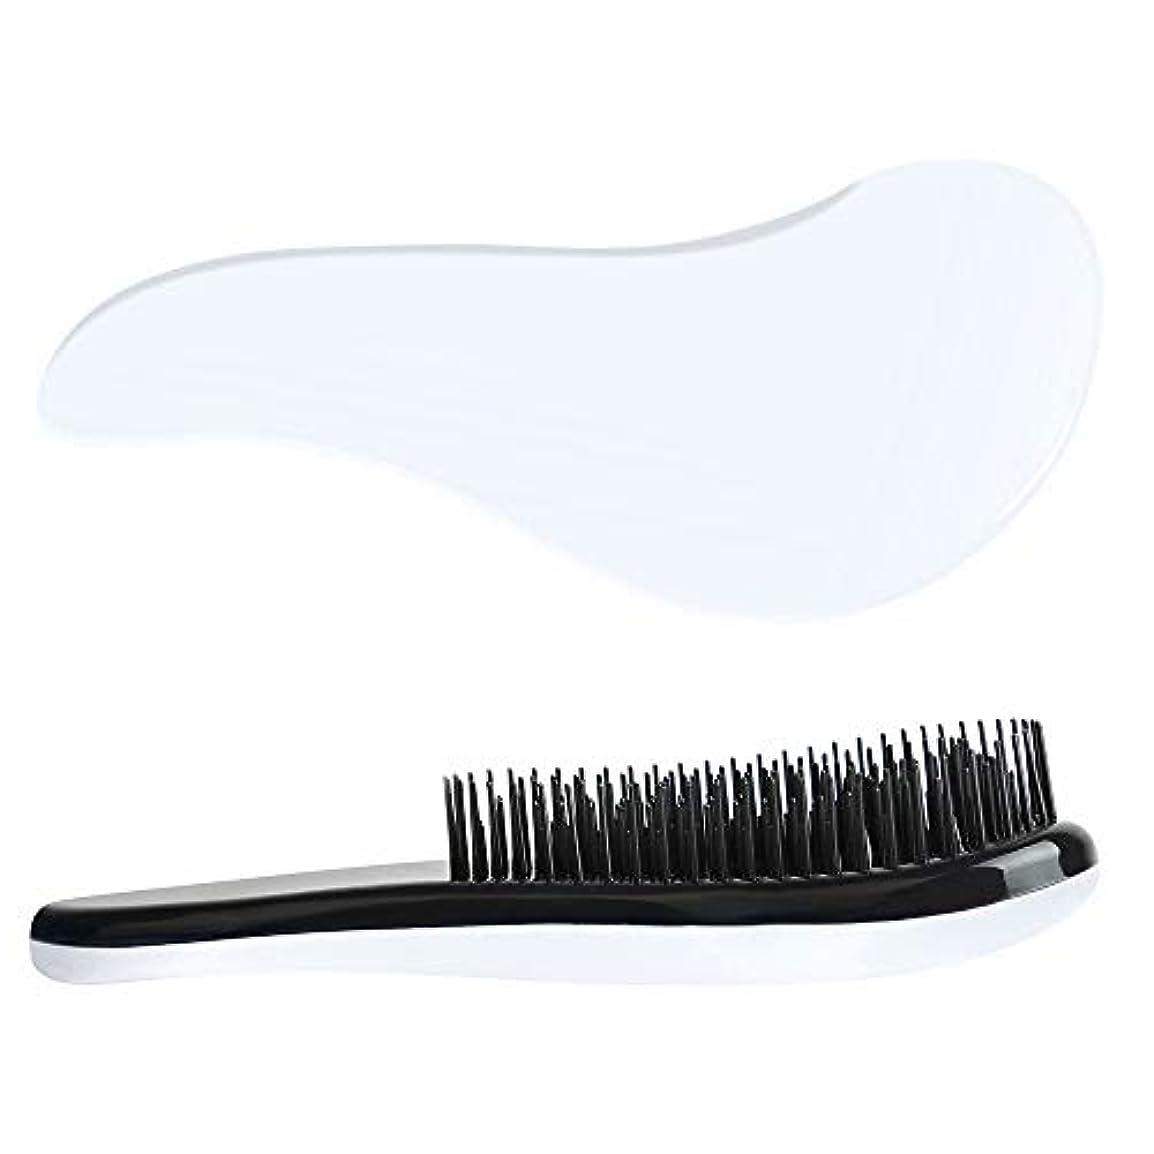 シャックル漫画彼らの大人のプラスチック毛の櫛の小さい毛のまっすぐな毛の櫛の毛の櫛かブラシ、 ヘアケア (Color : 6)